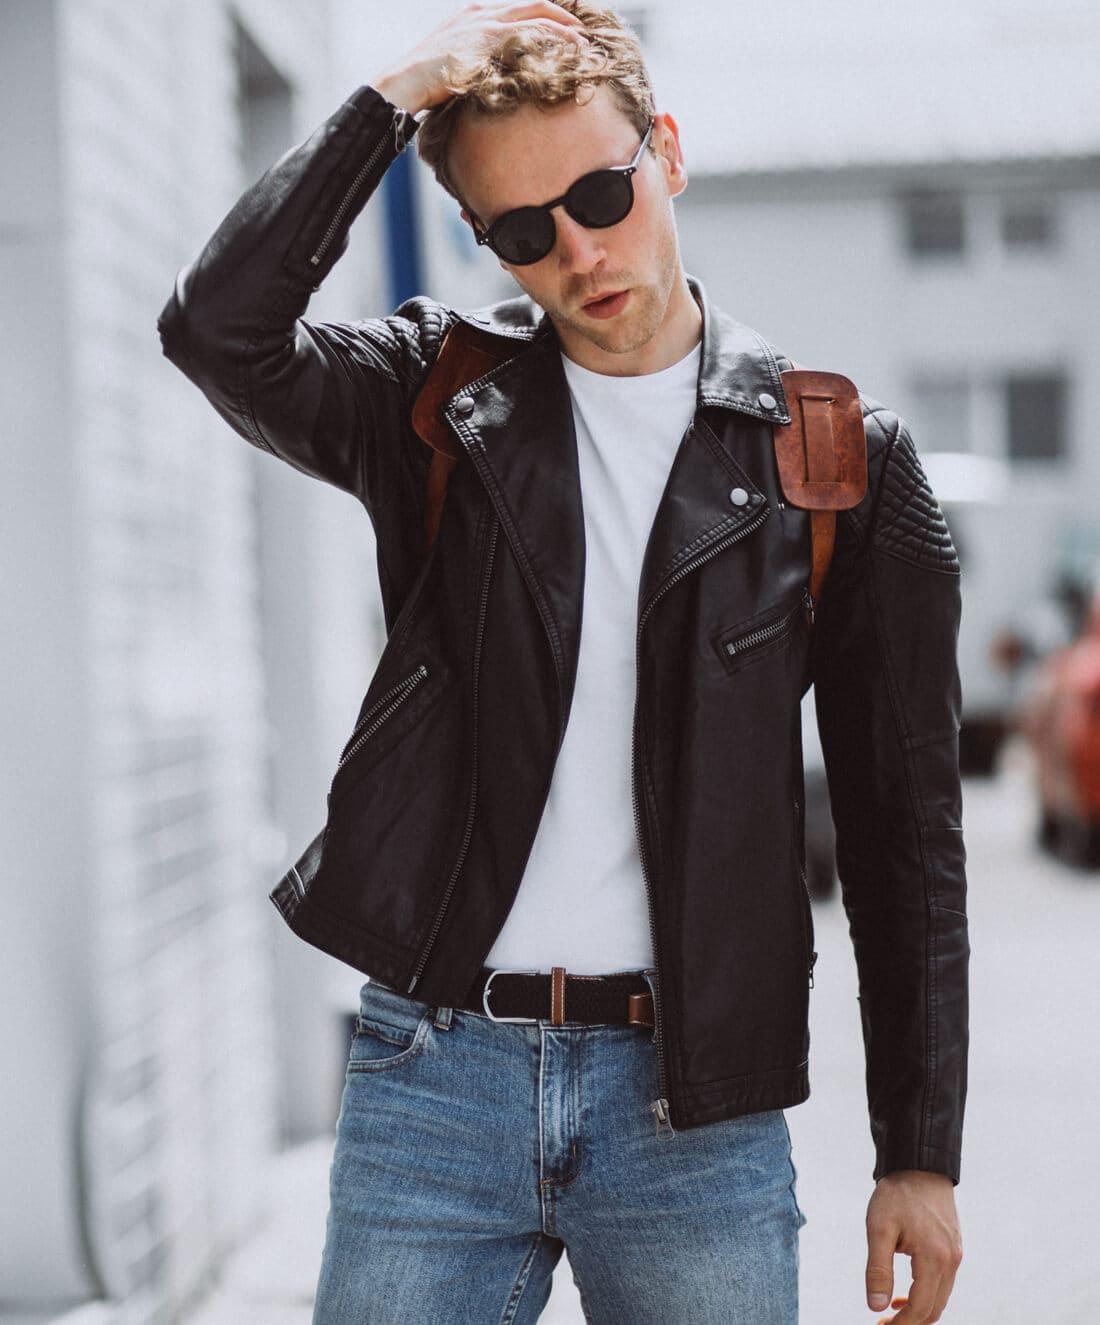 SEO продвижение интернет-магазина мужских аксессуаров - кейс iPapus Agency